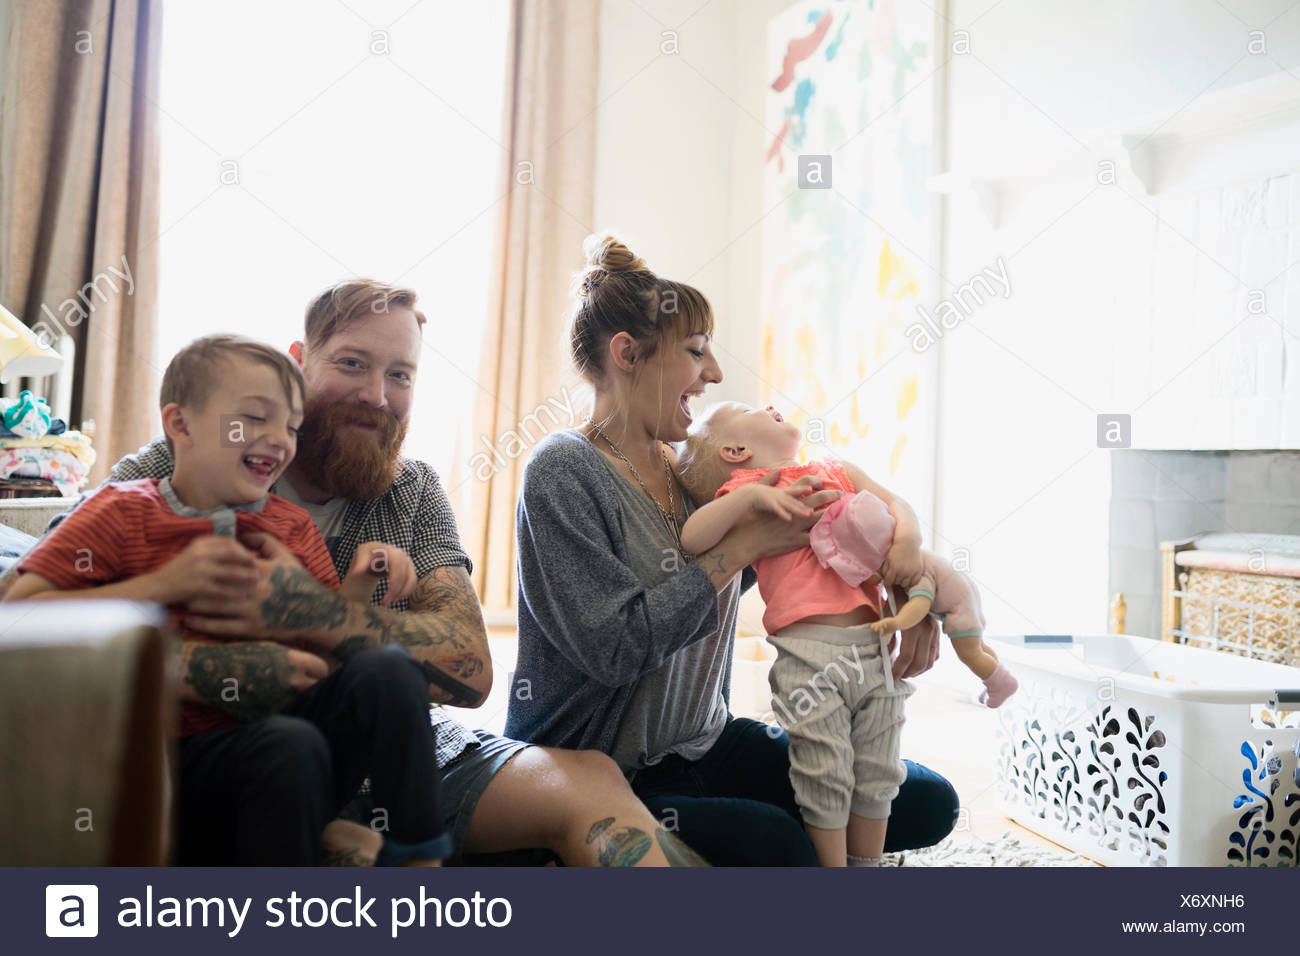 Feliz familia joven en el salón Imagen De Stock